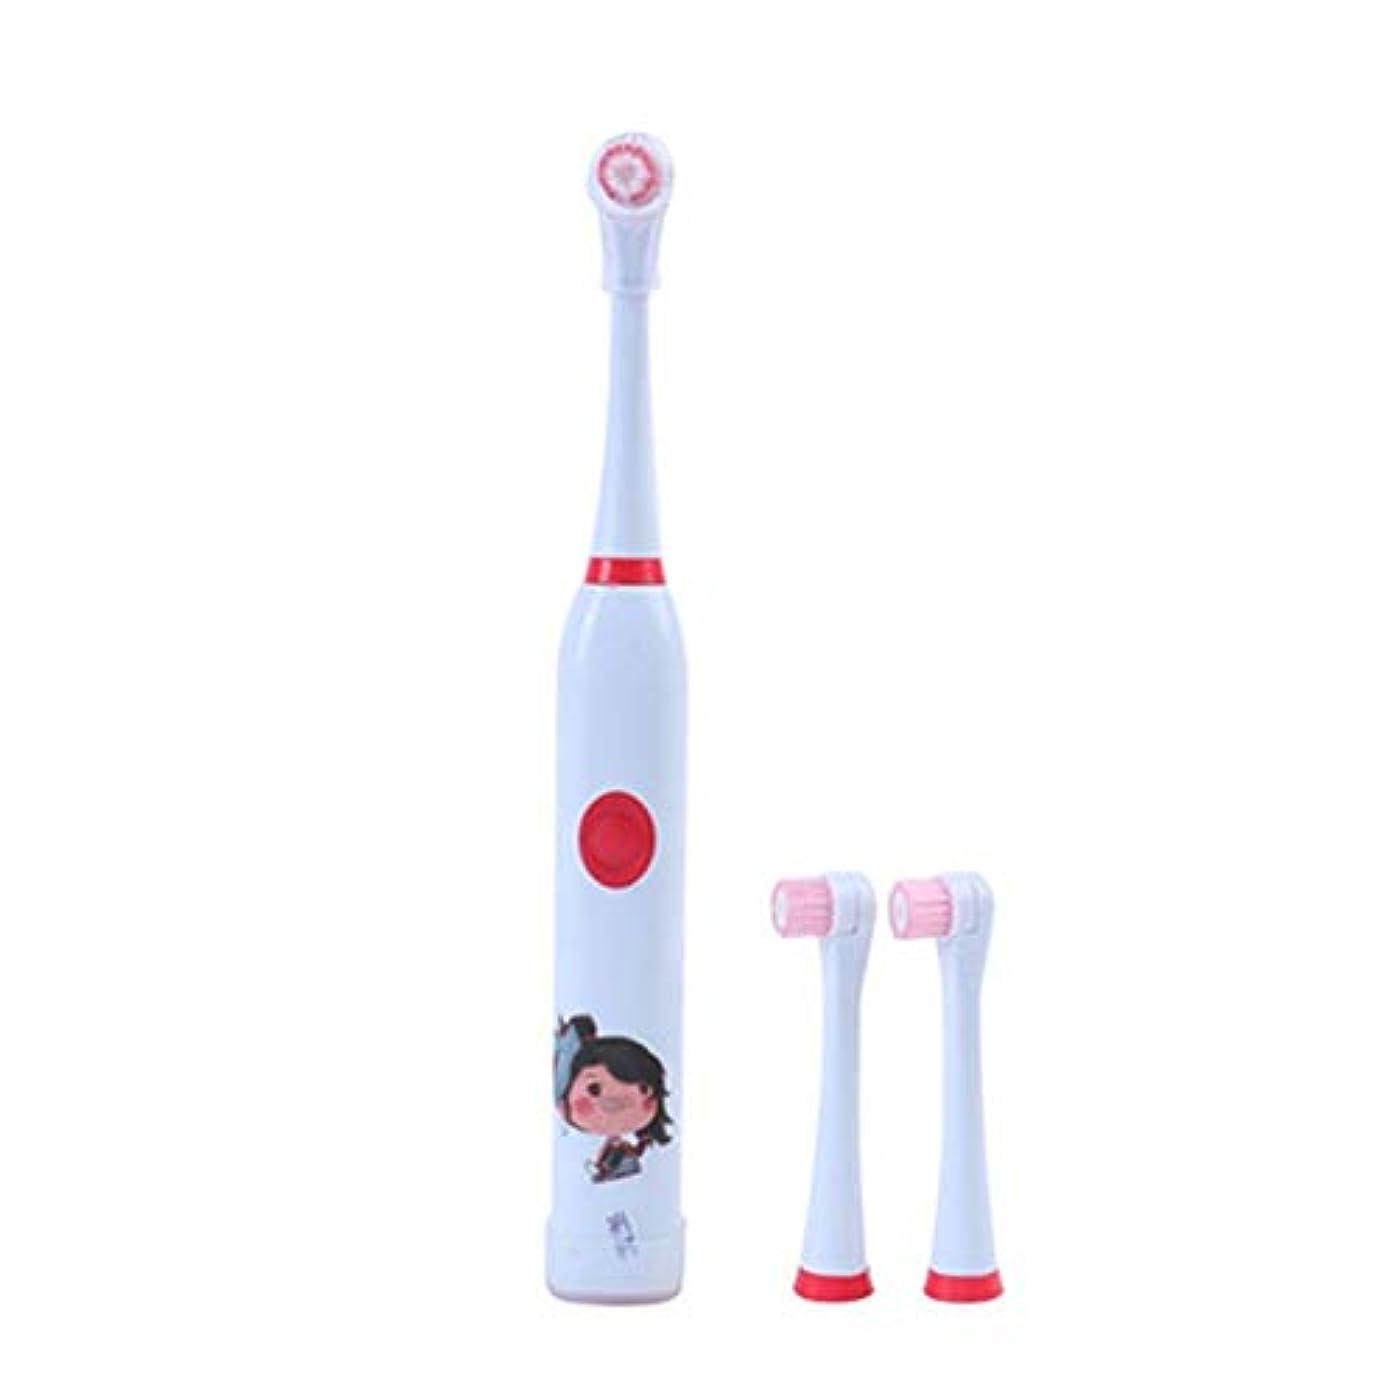 先史時代の贈り物闘争電動歯ブラシ 毎日の使用のための子供の電動歯ブラシUSB充電式ホワイトニング歯ブラシ 大人と子供向け (色 : 赤, サイズ : Free size)